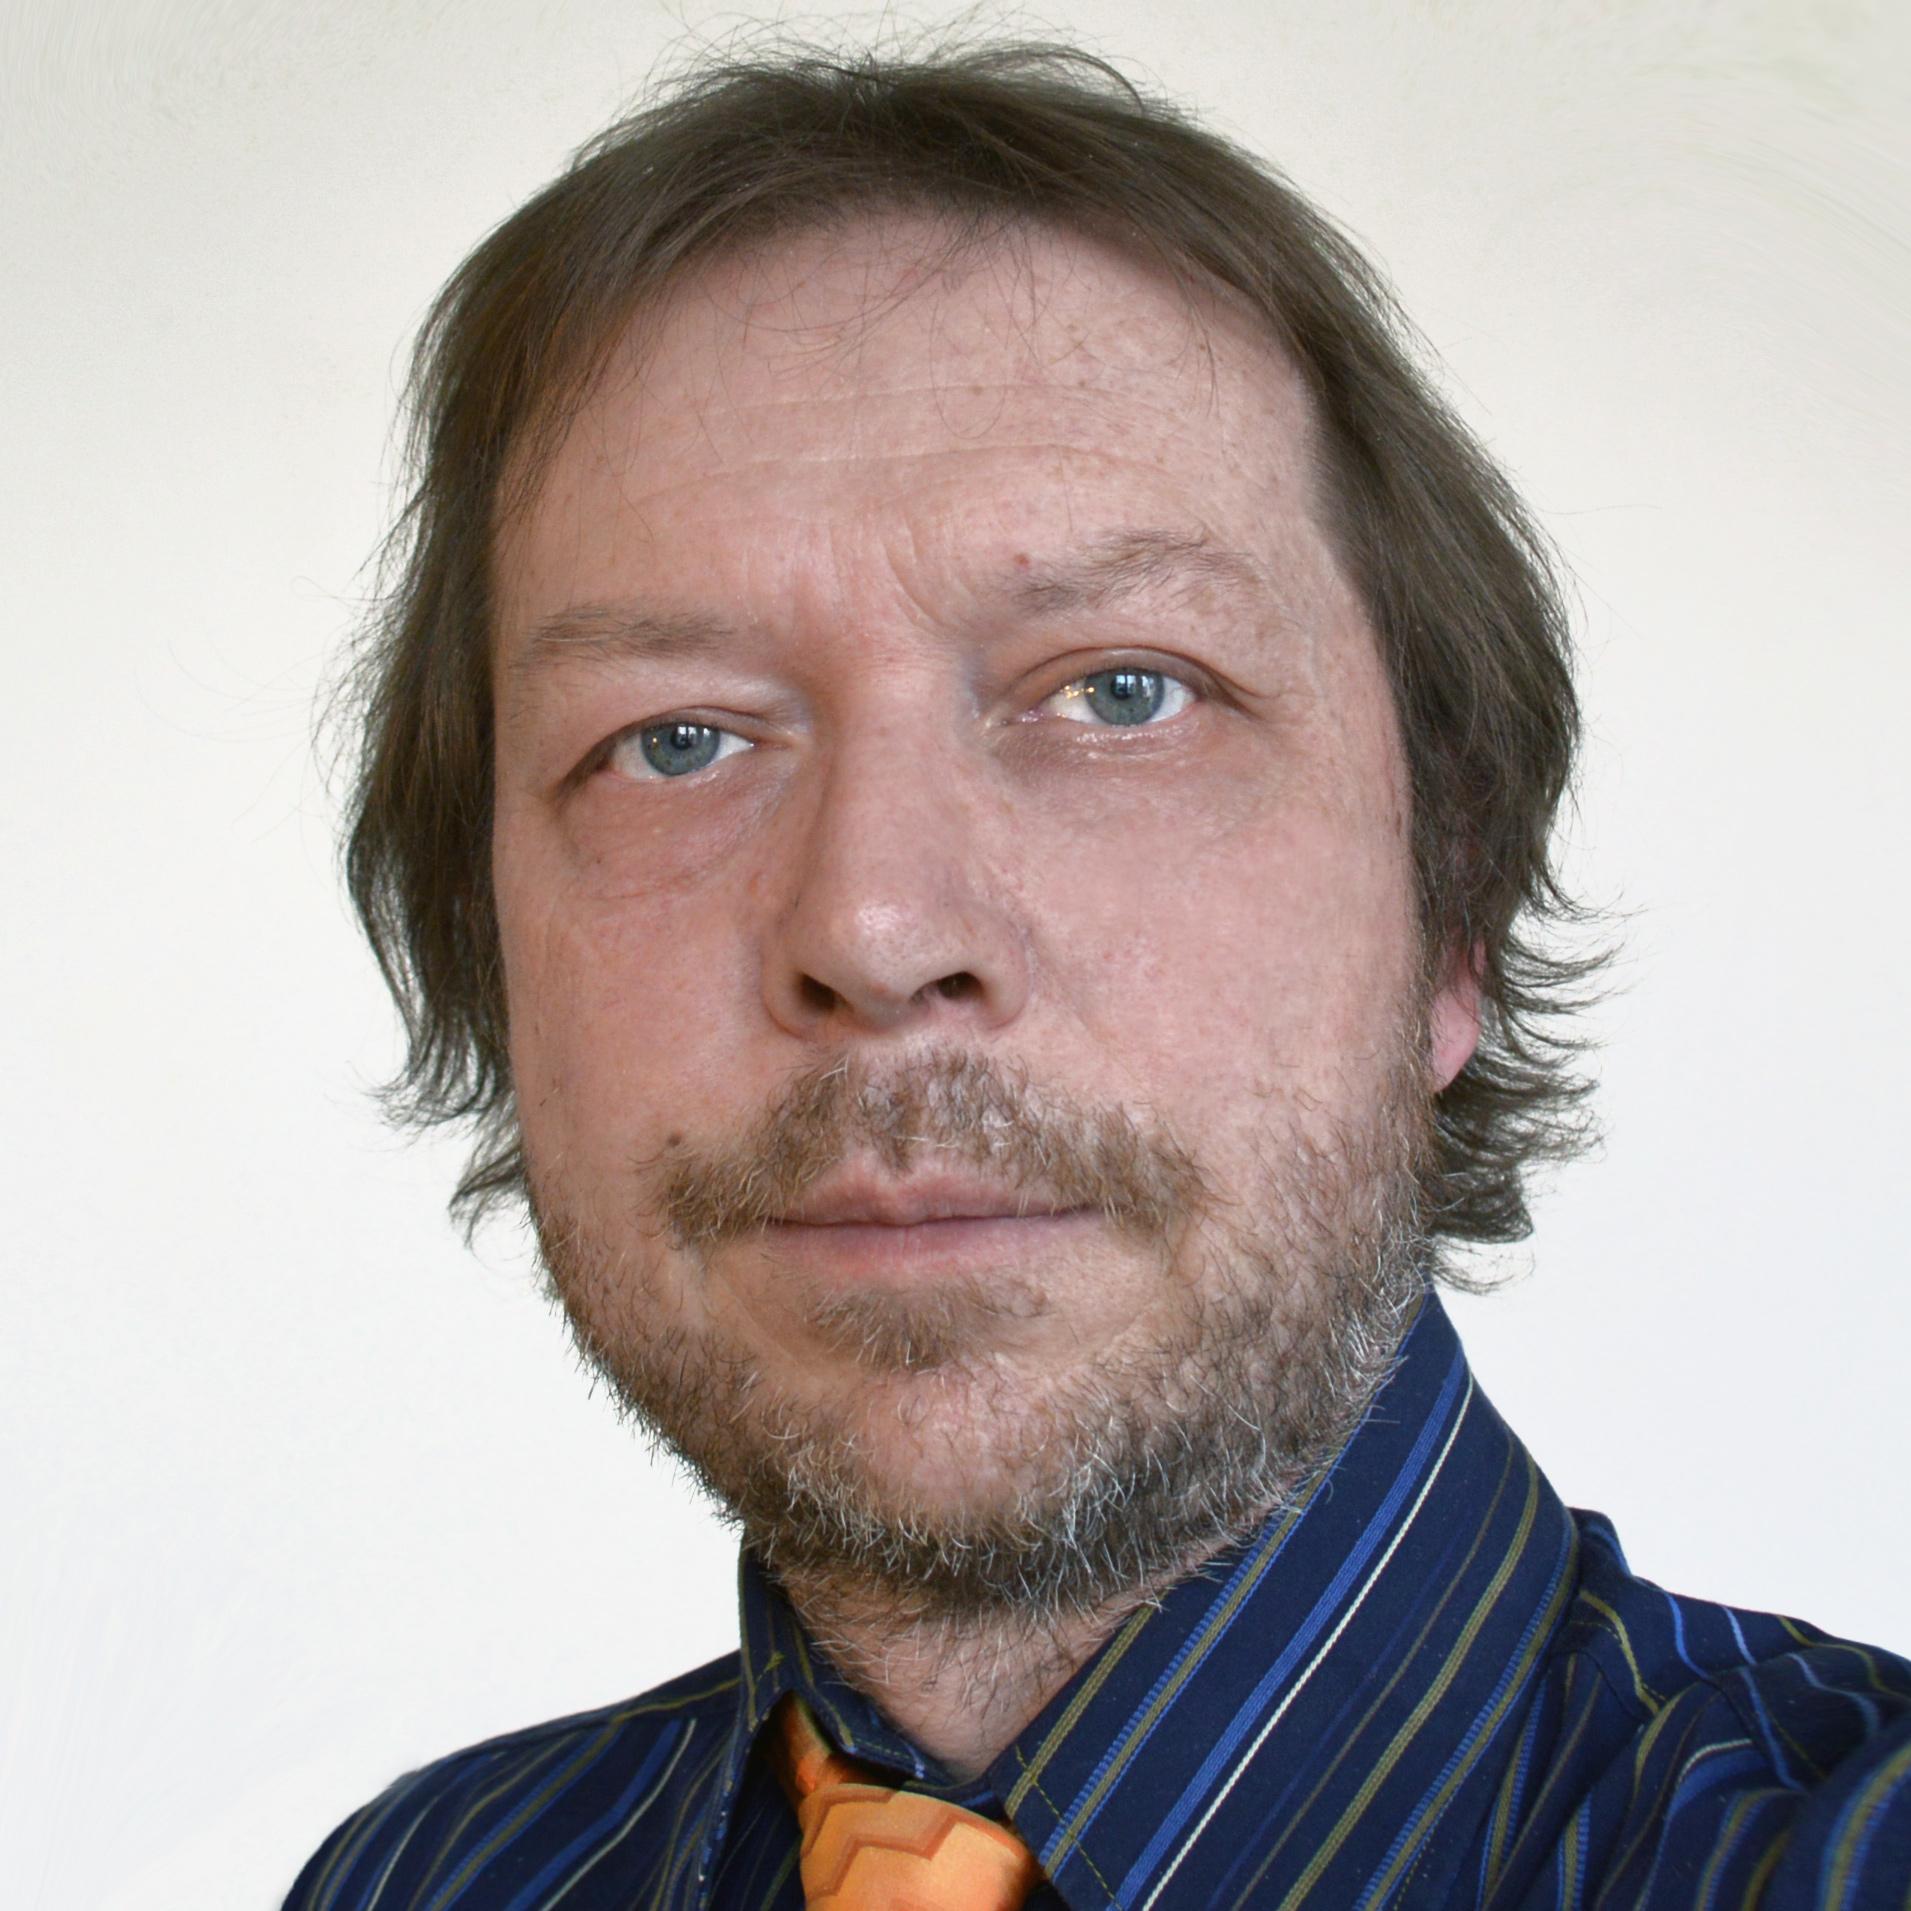 David Weedmark